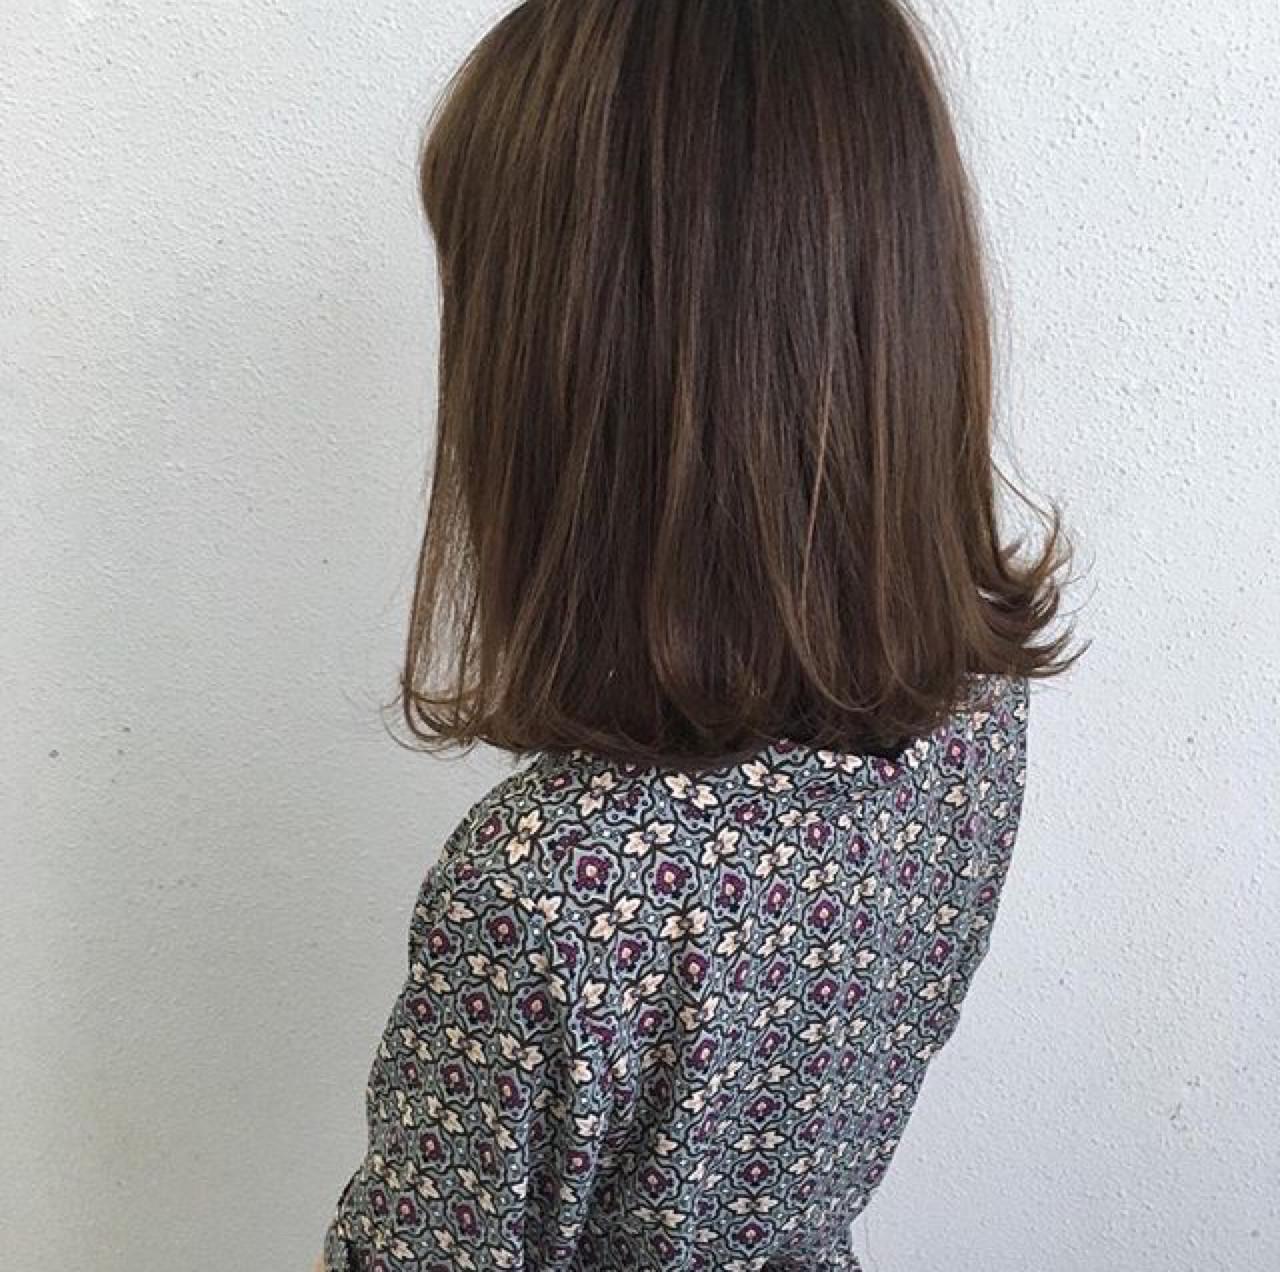 ストレート×外ハネミディアムでナチュラルに 木下裕貴 | totti hair design